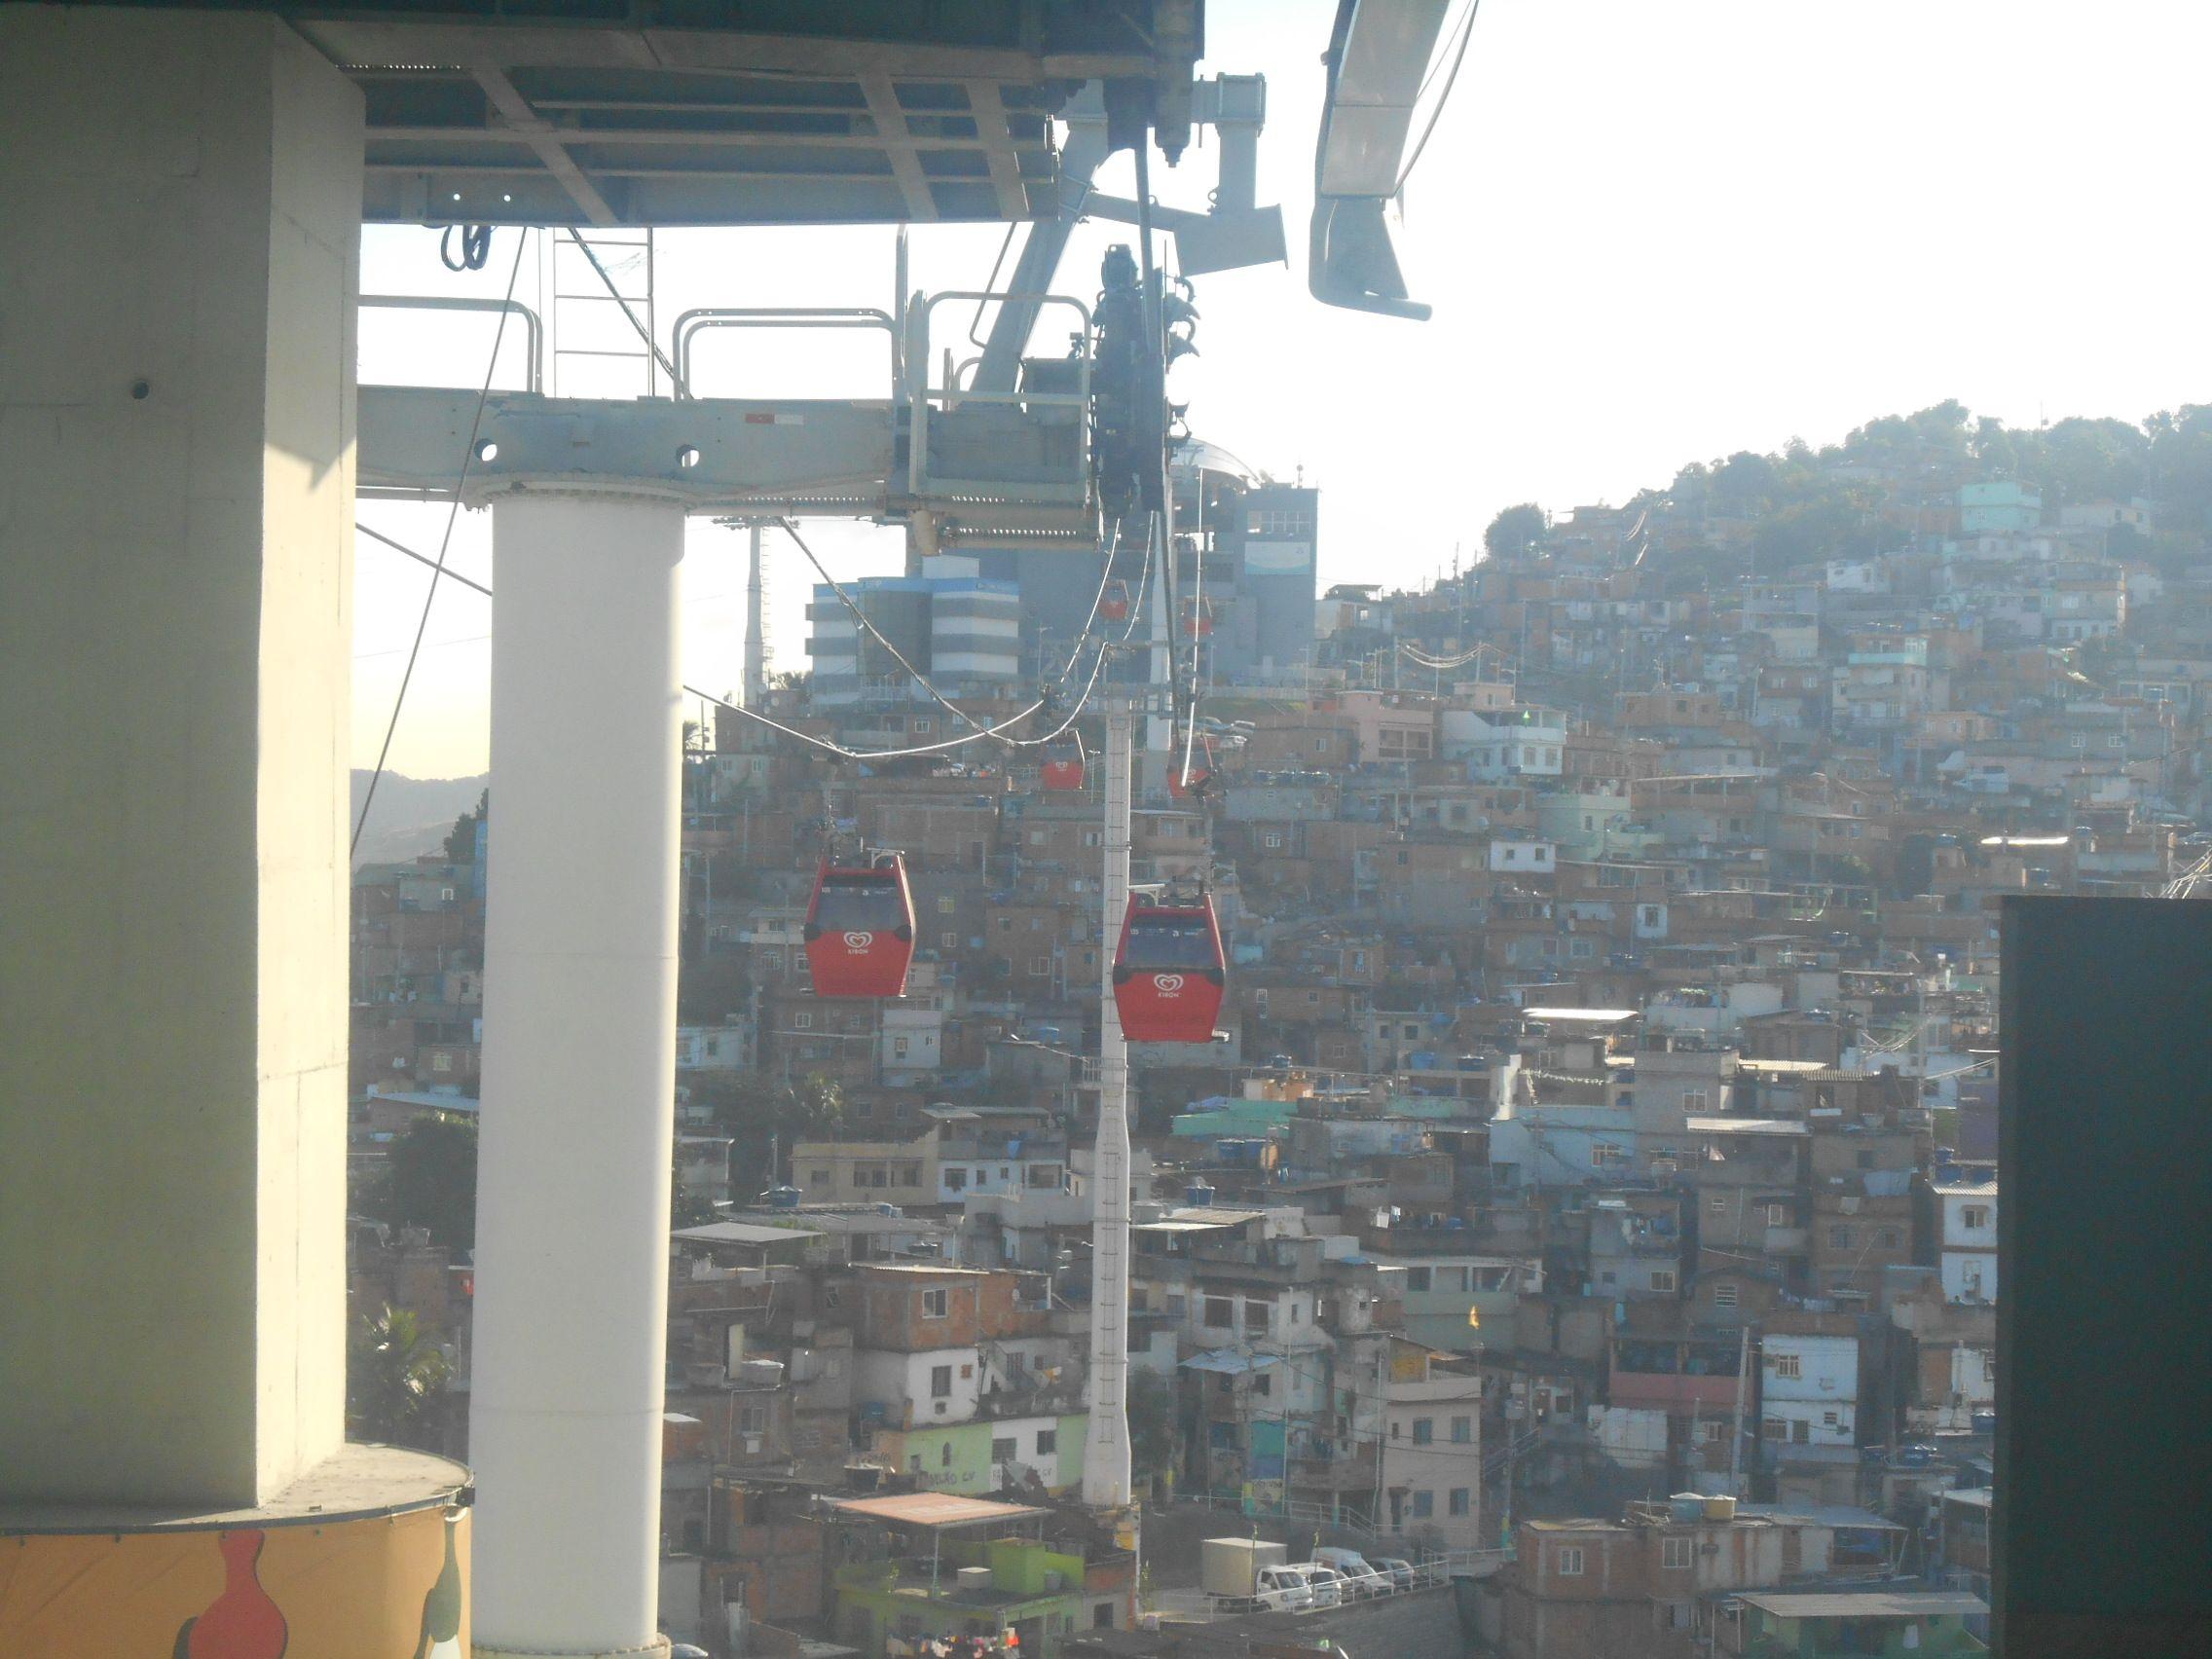 Bresil- Rio de Janeiro: Favela Complexo do Alemão